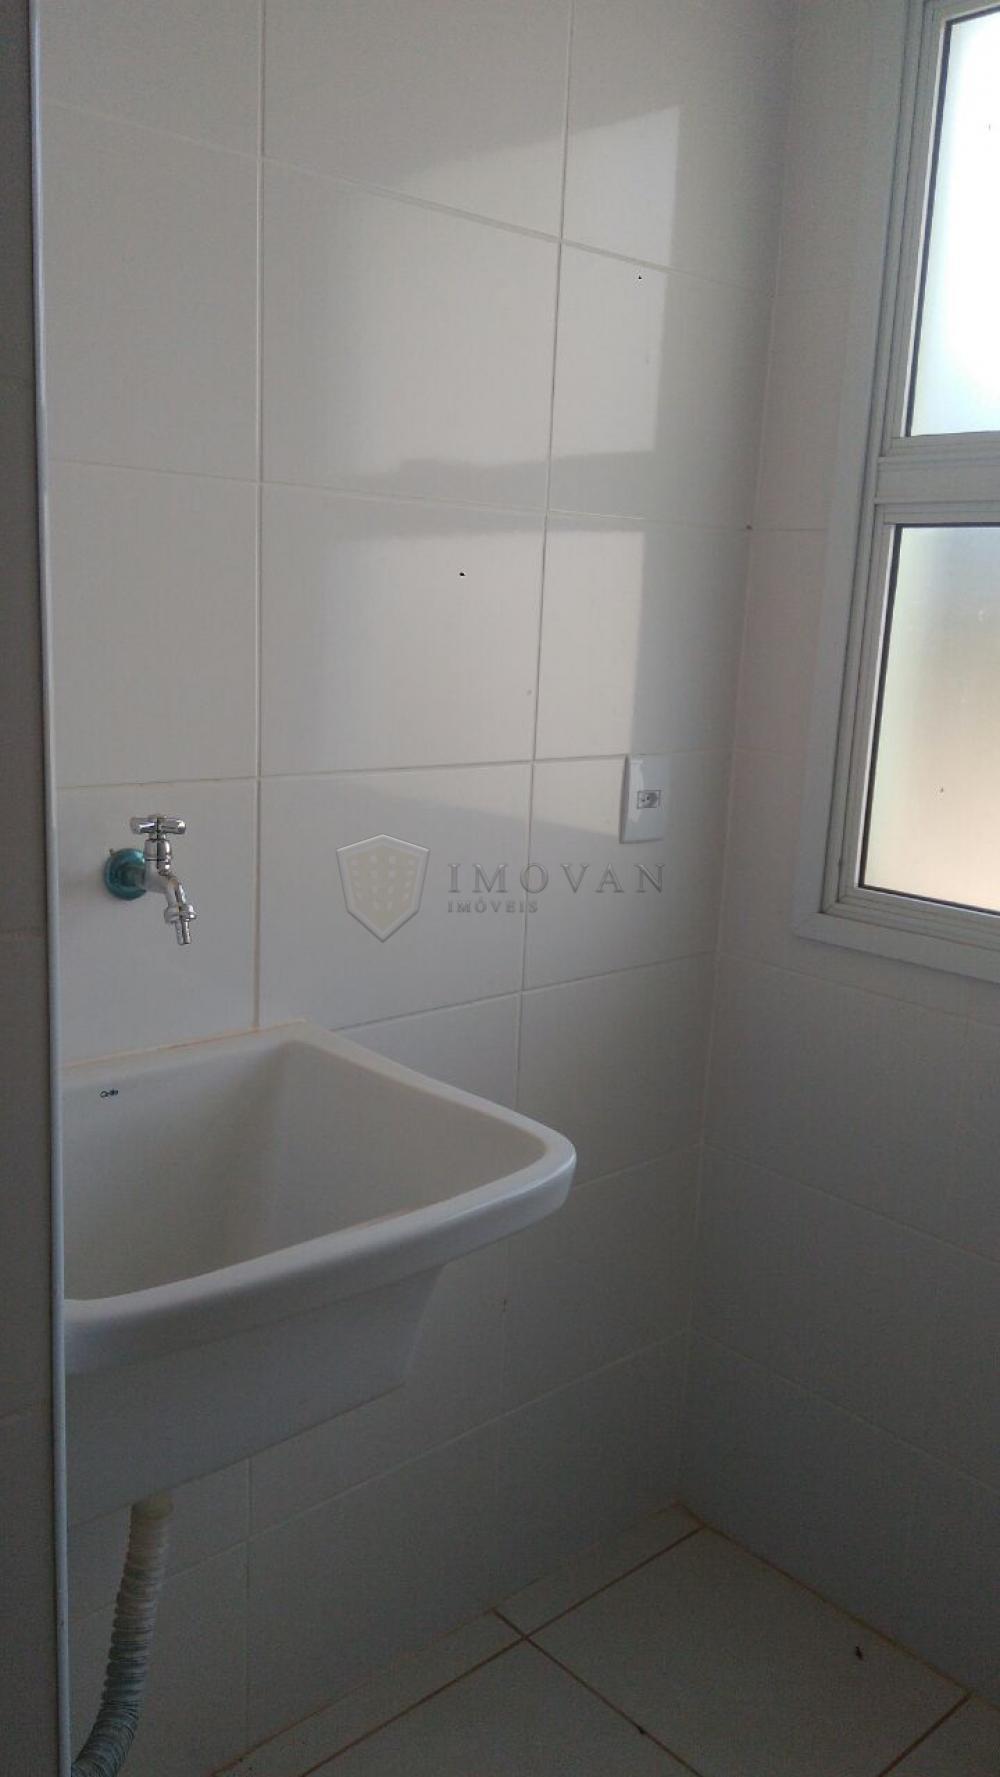 Comprar Apartamento / Padrão em Ribeirão Preto apenas R$ 255.000,00 - Foto 11